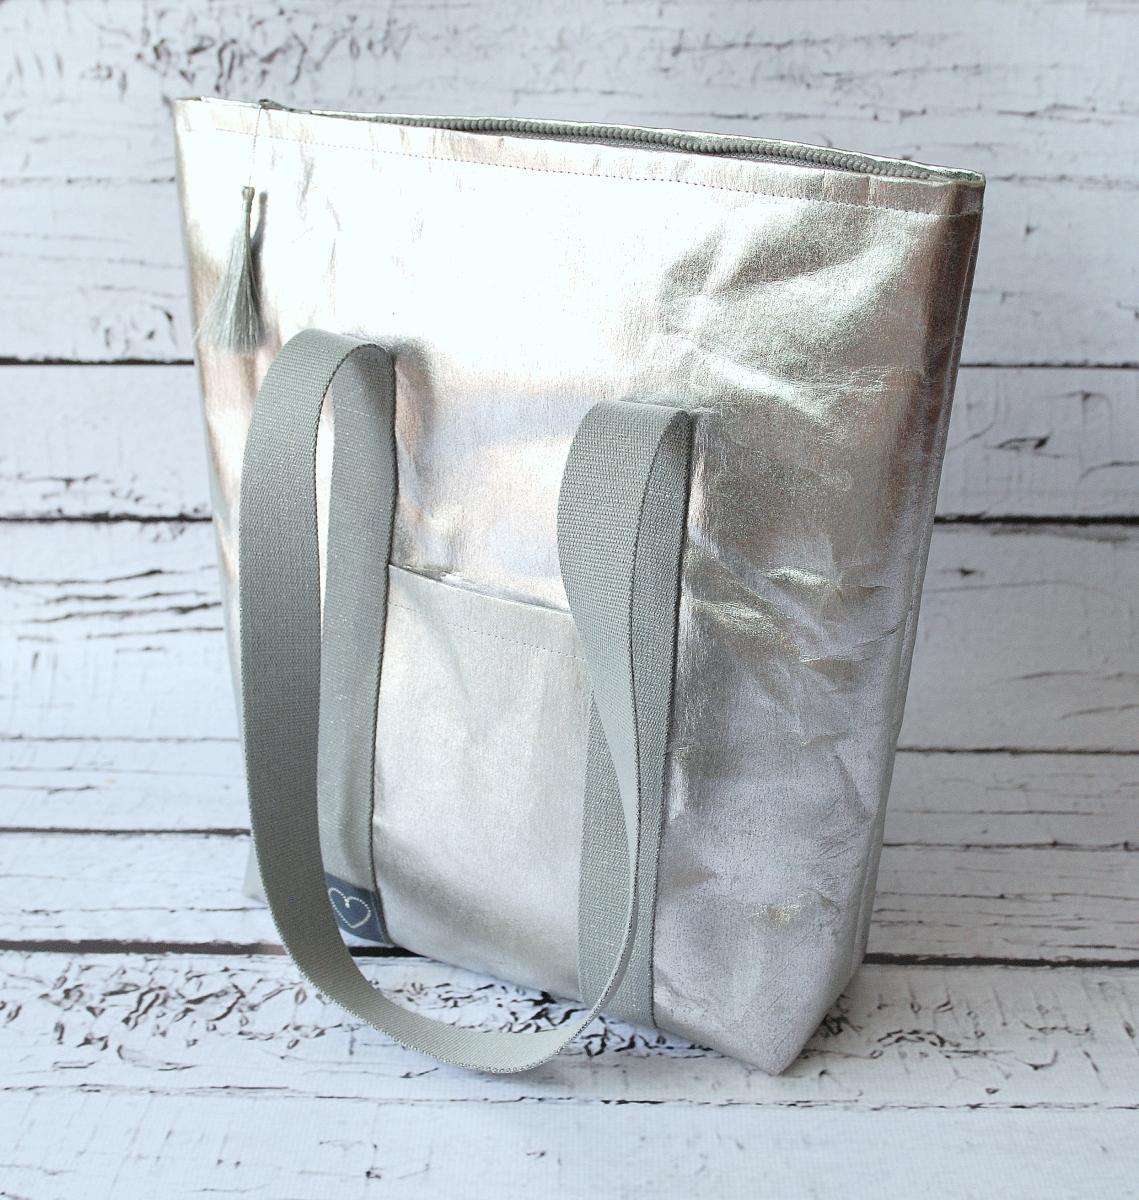 Srebrna torba z washpapy, czyli bądź trendy